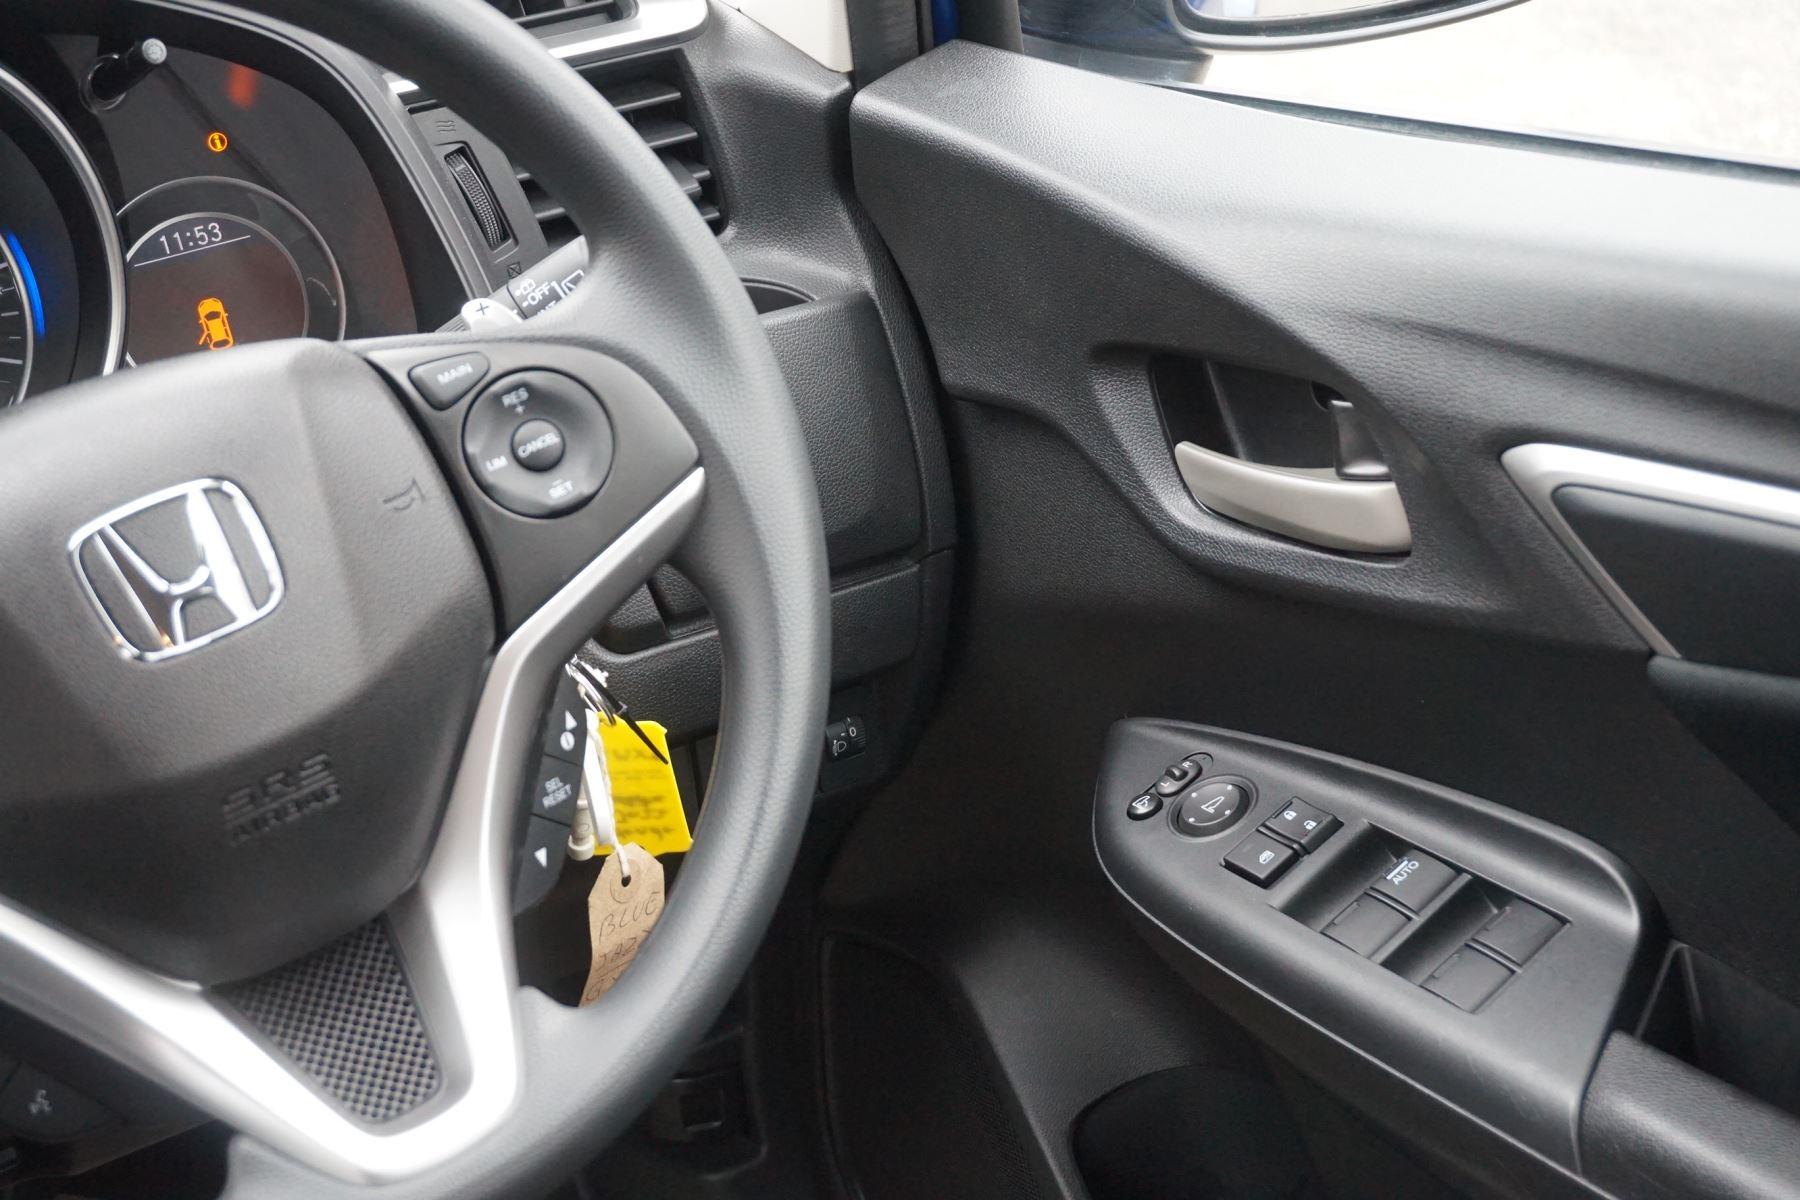 Honda Jazz 1.3 SE Navi CVT image 16